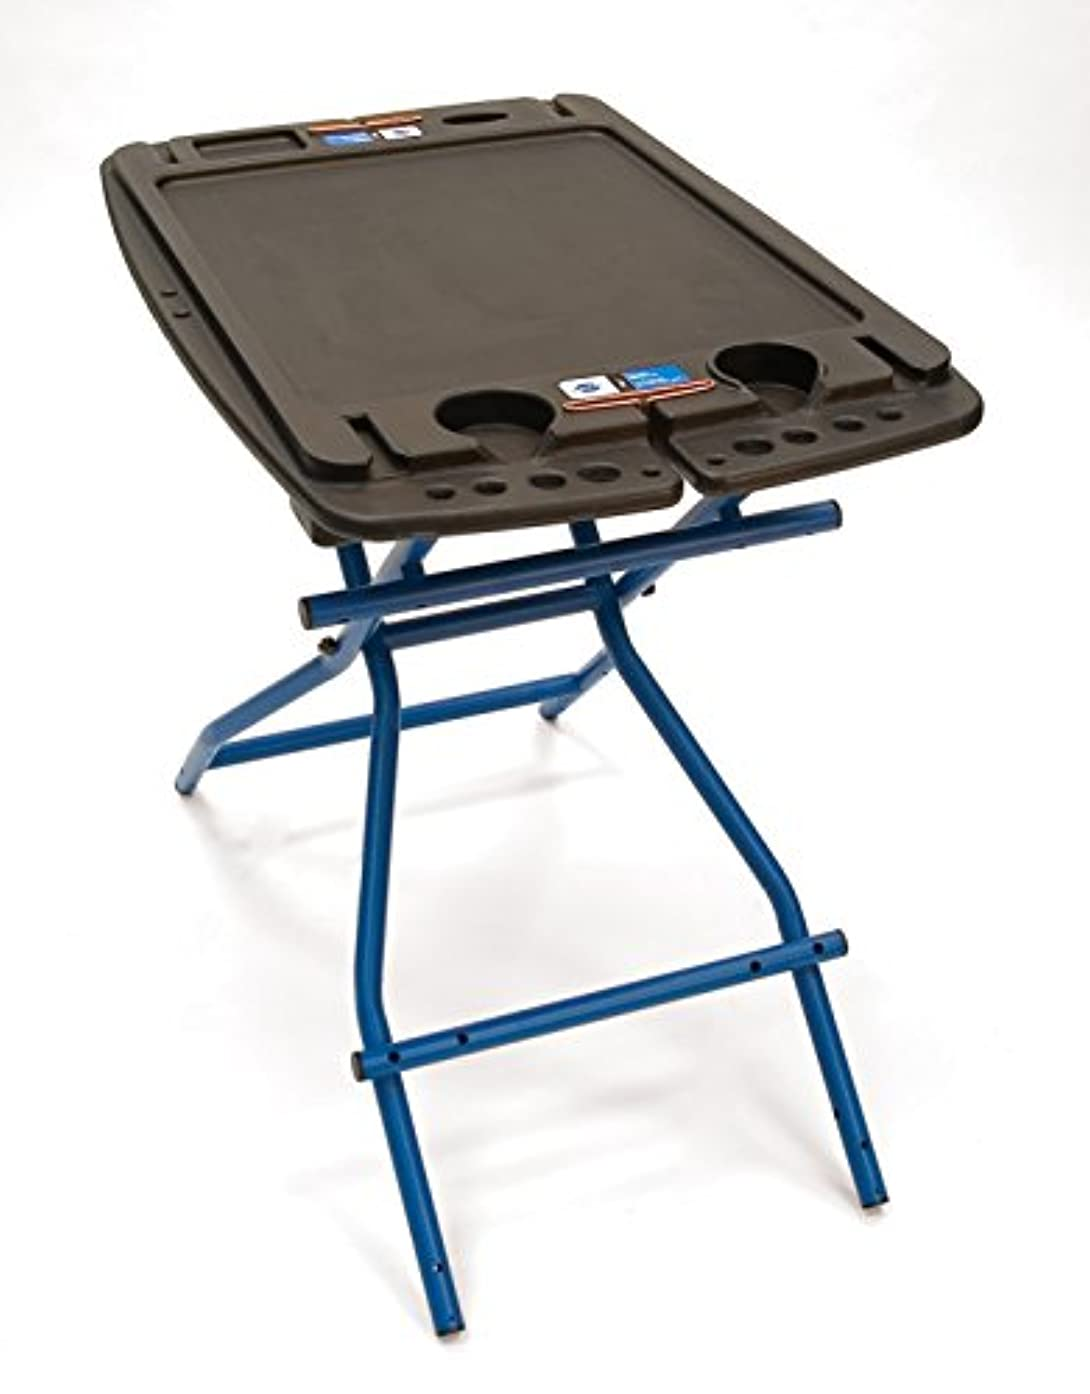 文明化する独裁本体ParkTool PB-1 4000969 Workbench Blue by Park Tool